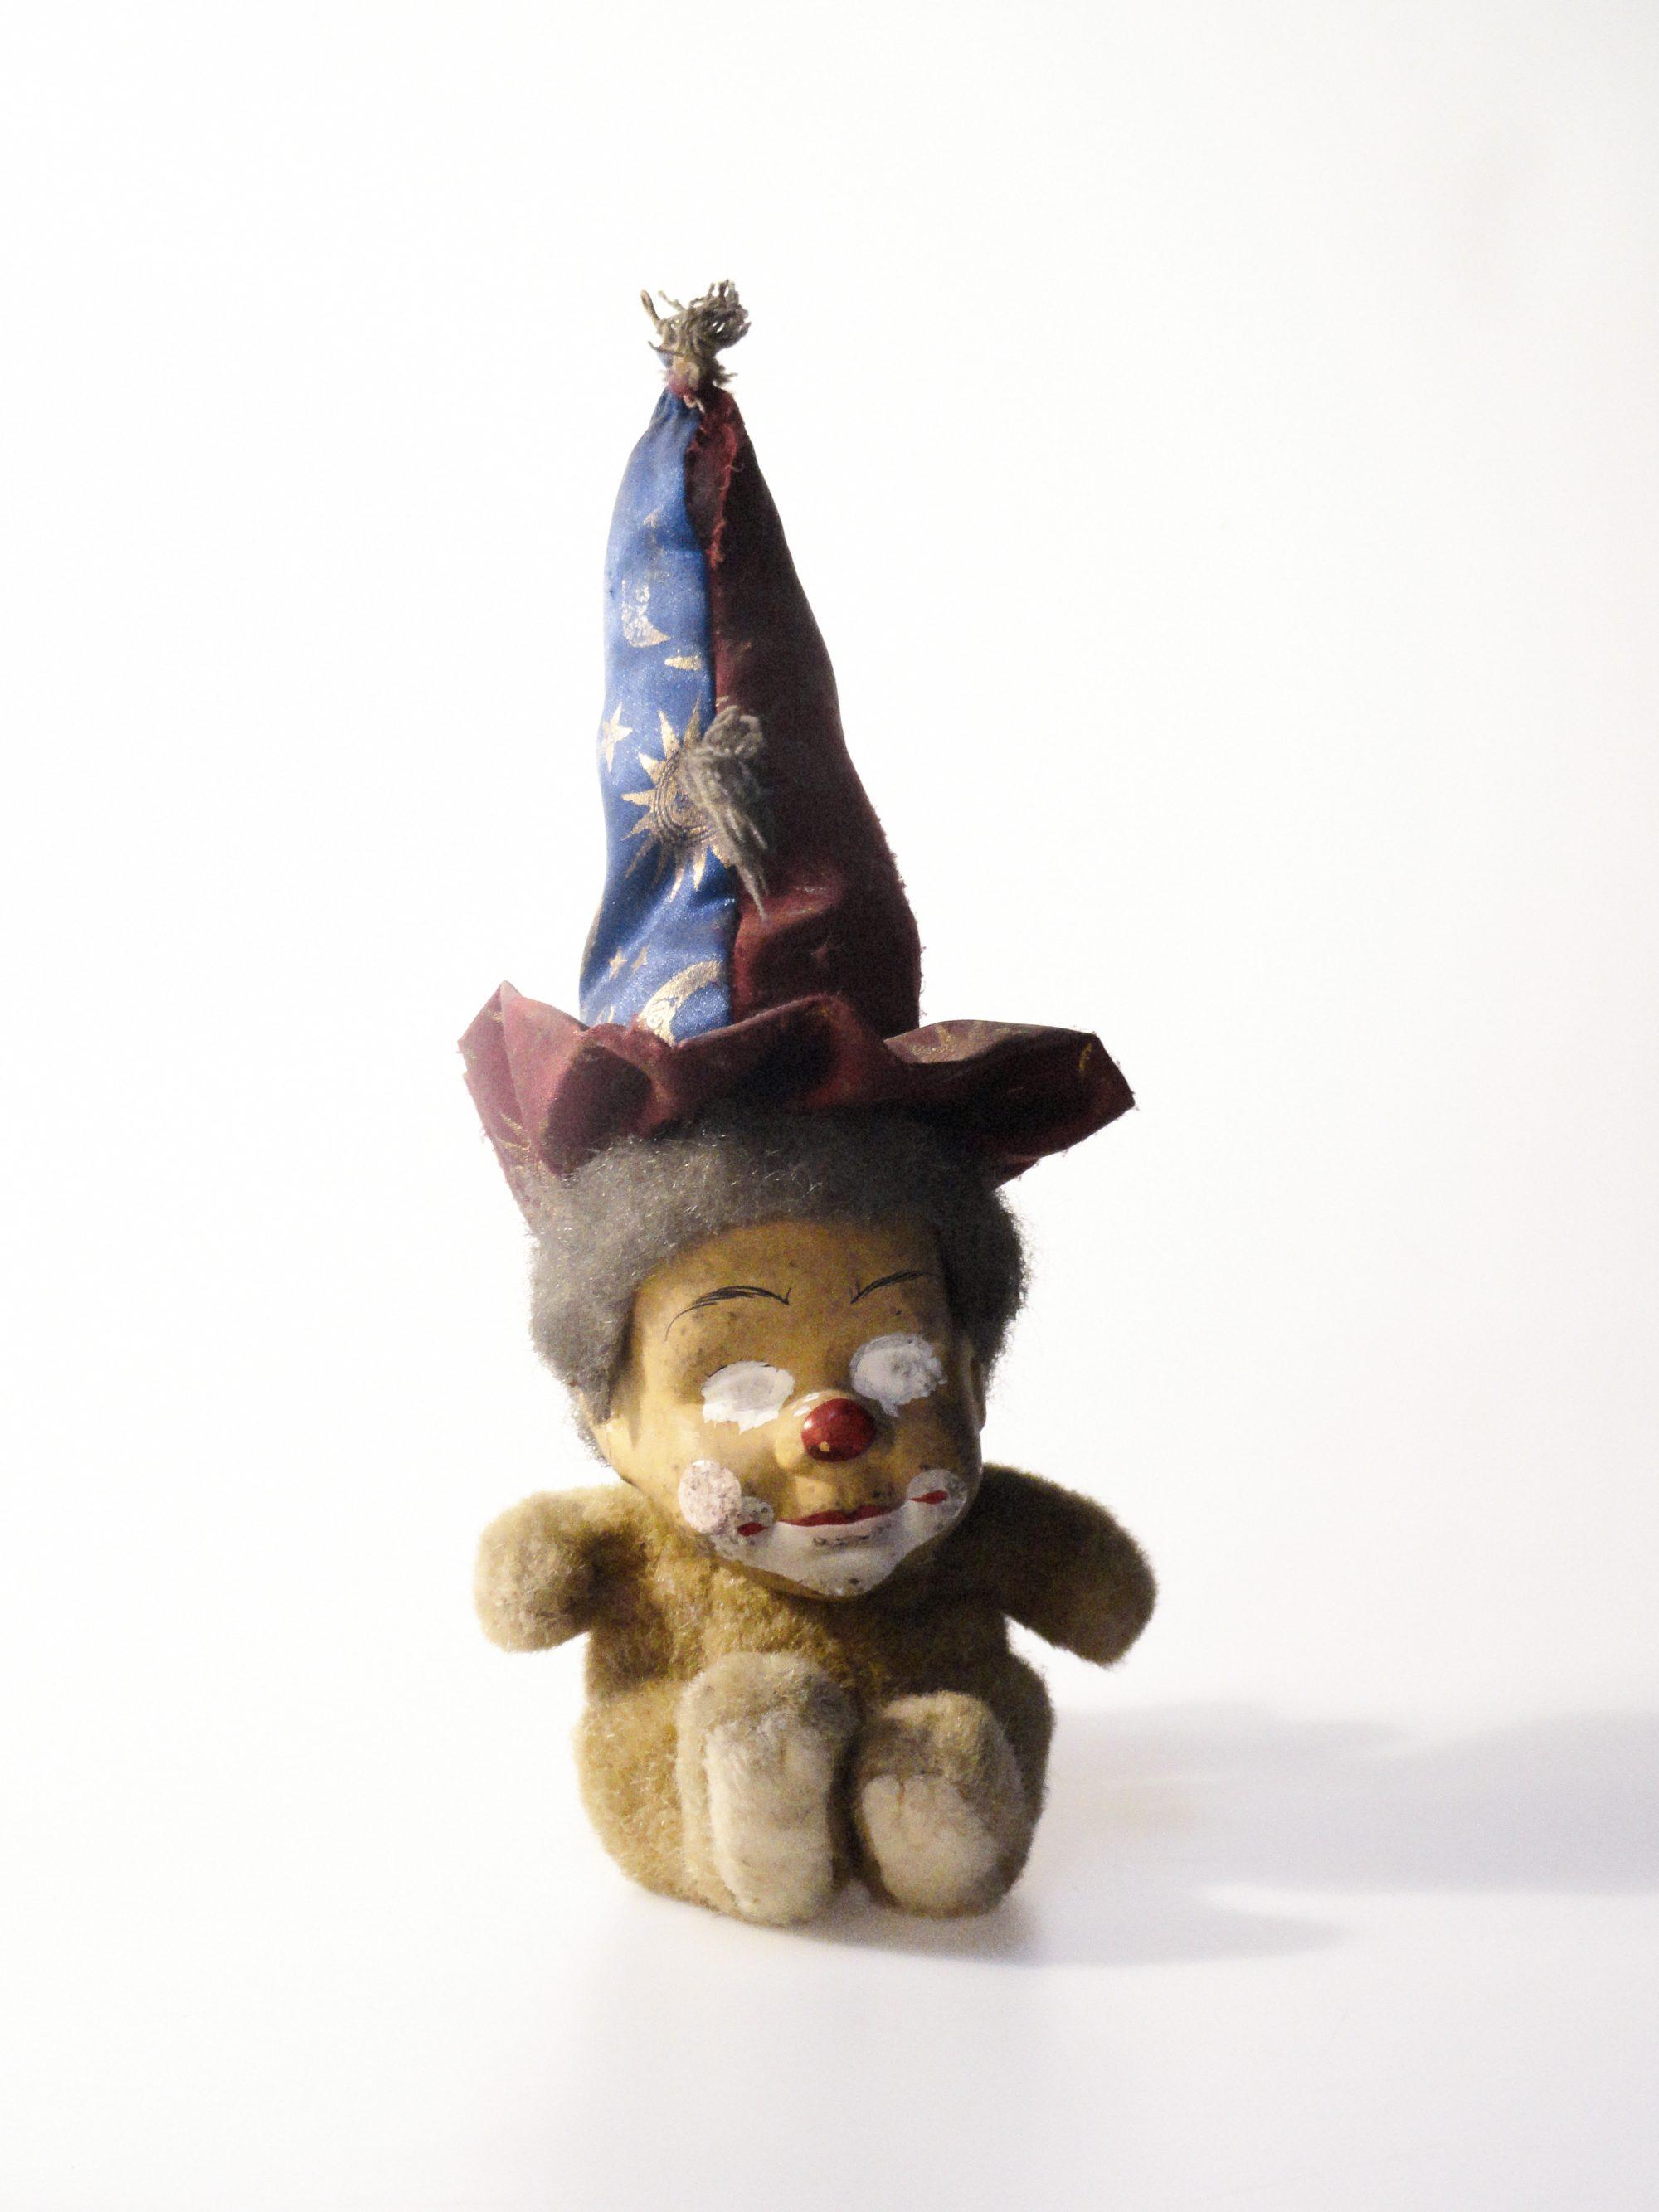 Doll #5